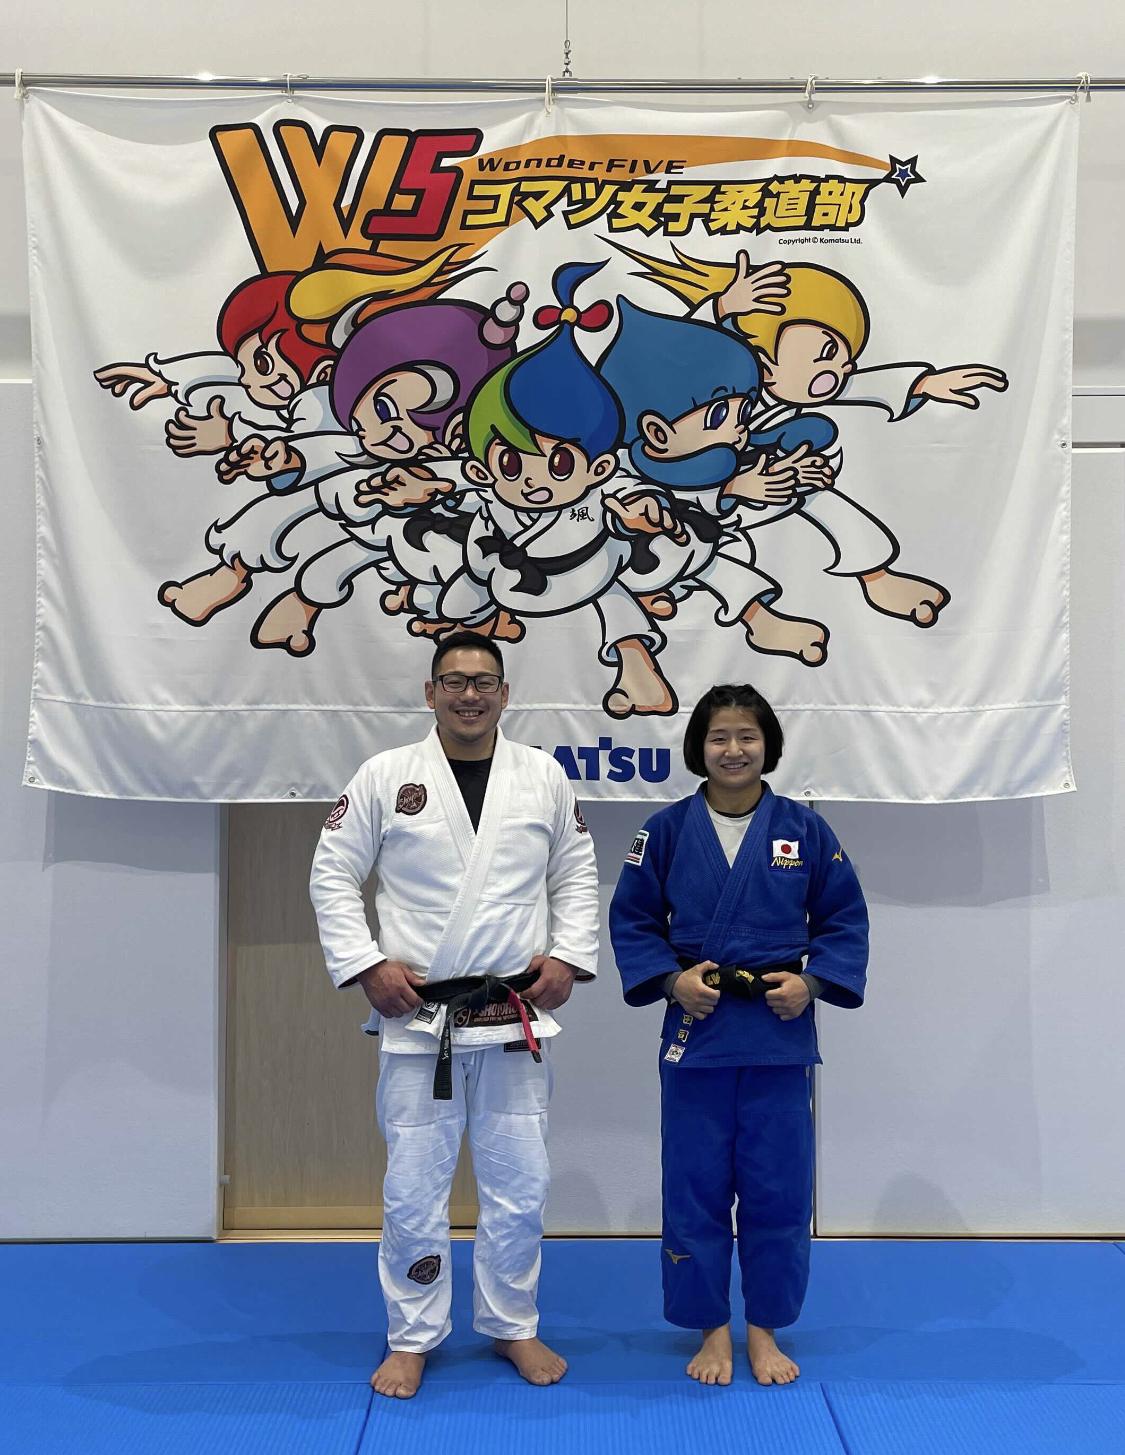 仙台 柔術 角田 柔道 寝技 芳田司 東京オリンピック